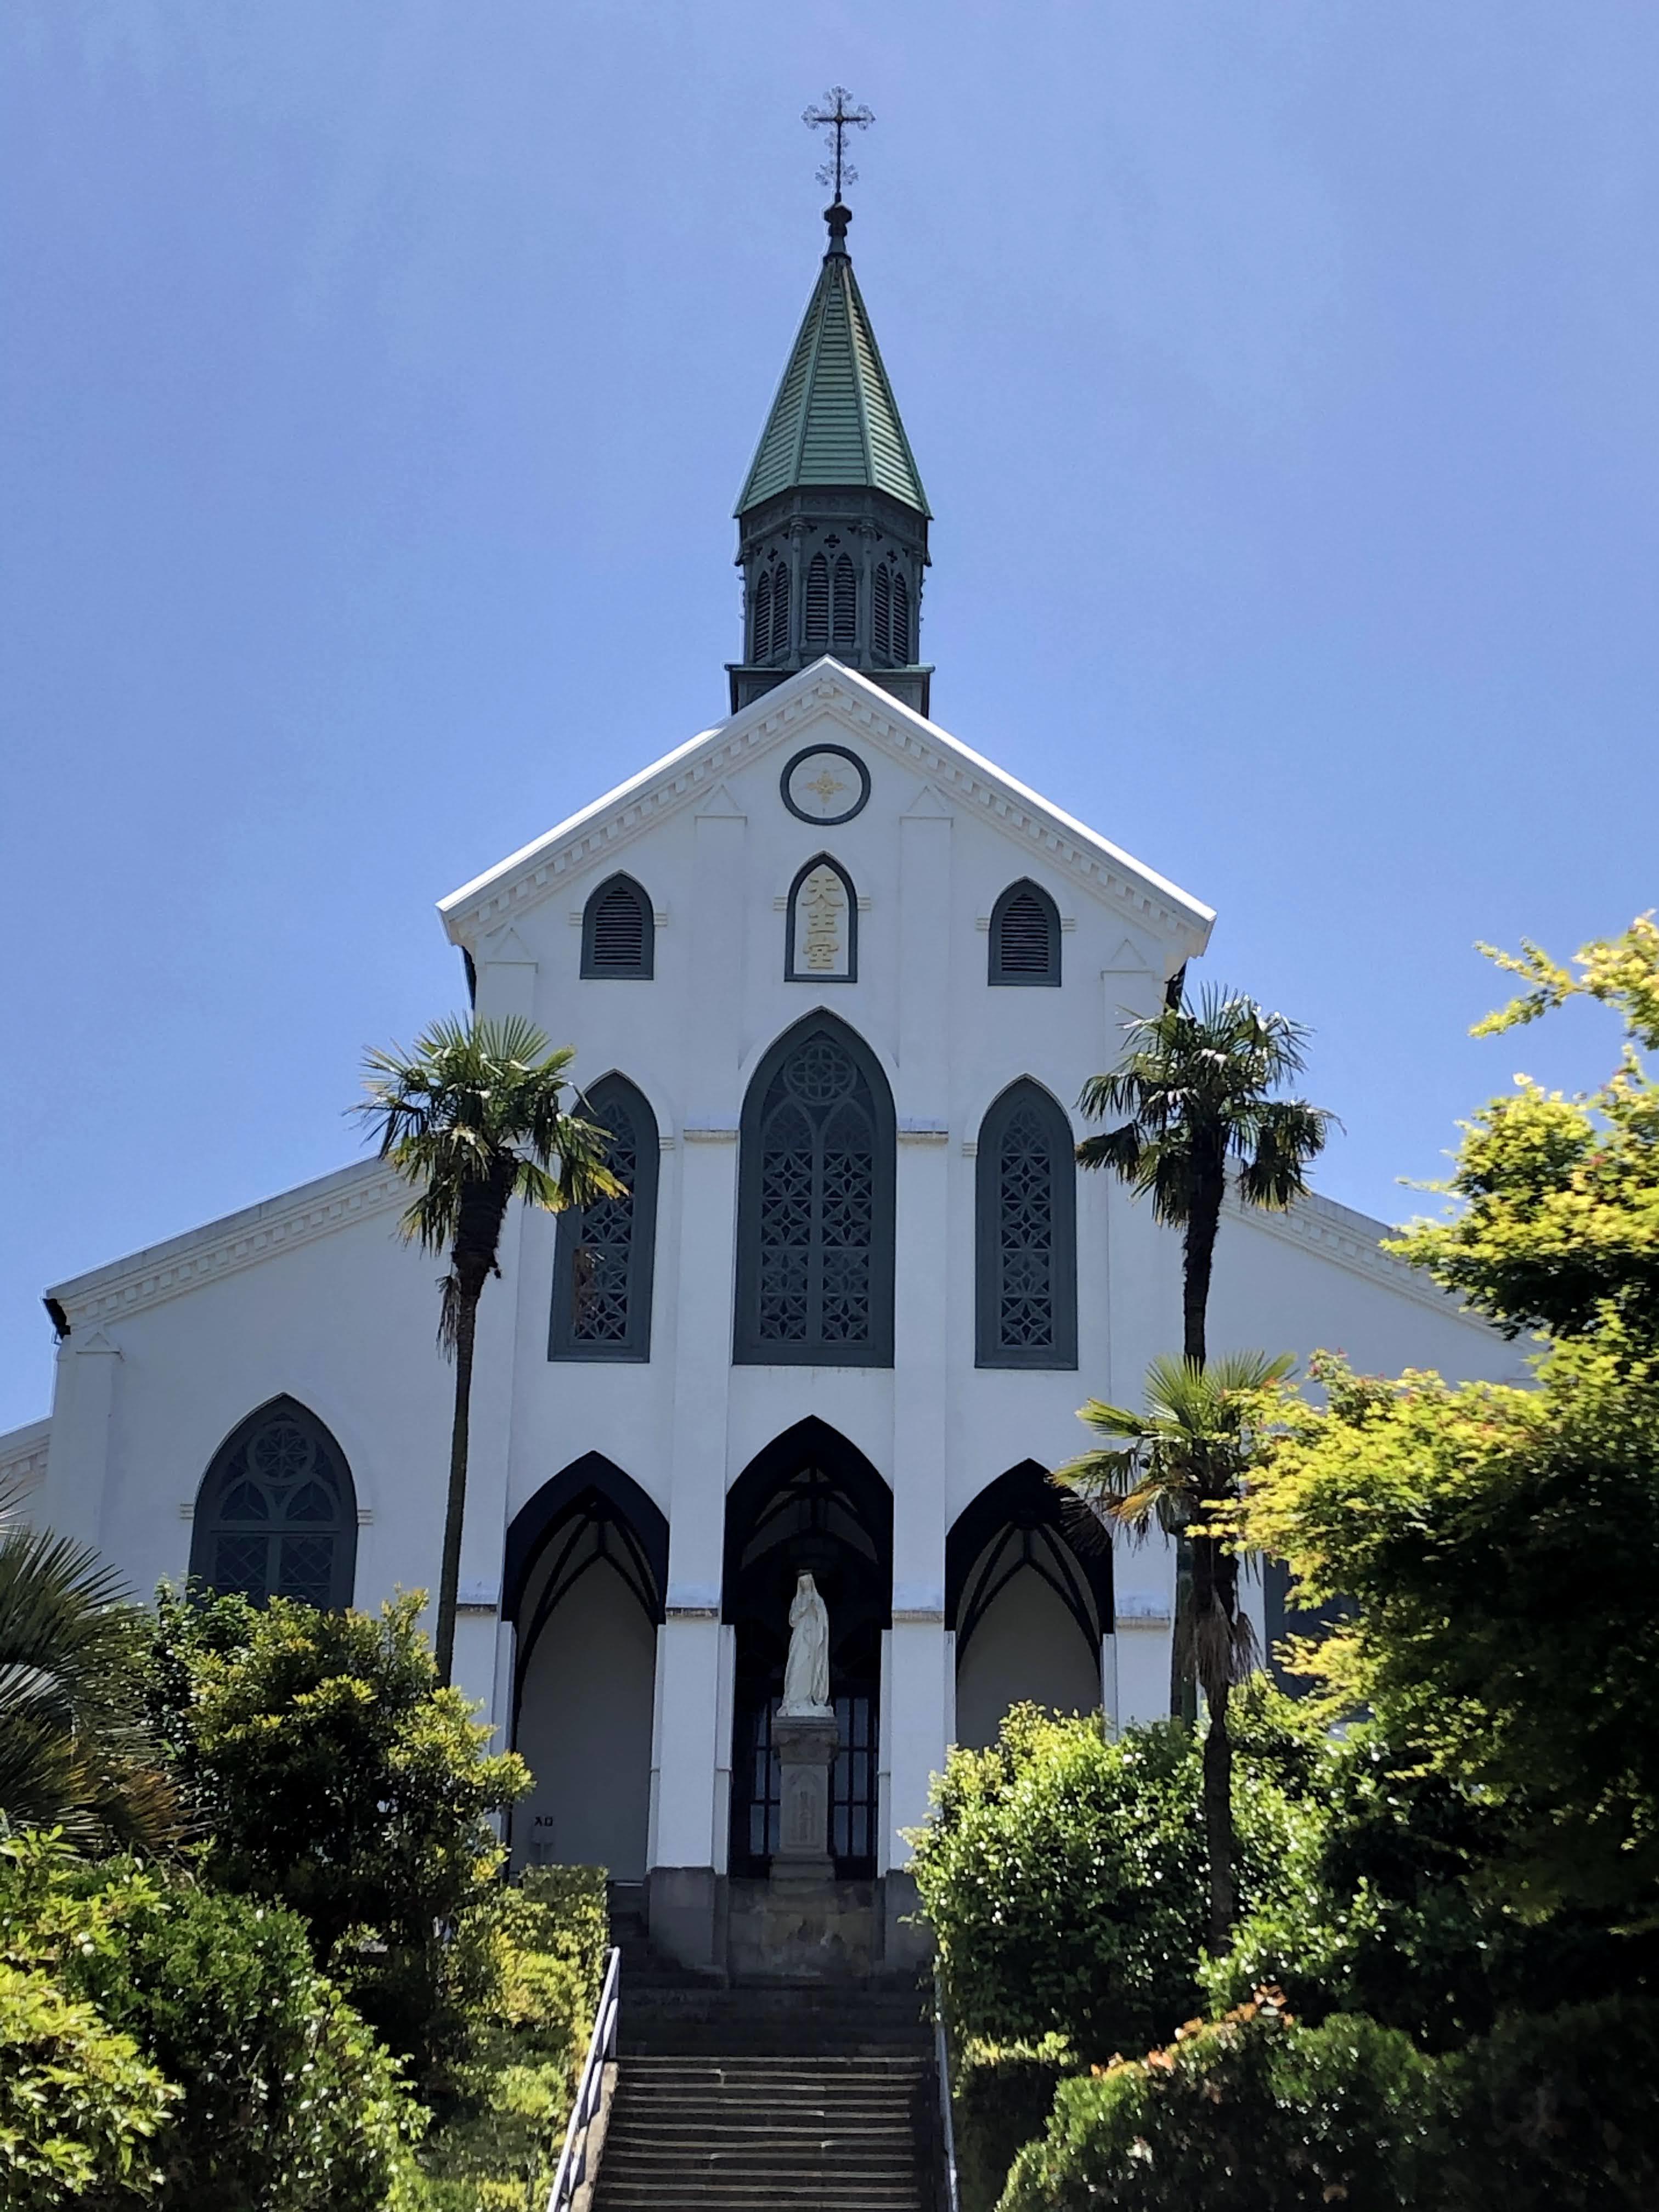 大浦天主堂。在留外国人のために作られた国内に現存する最古の教会堂